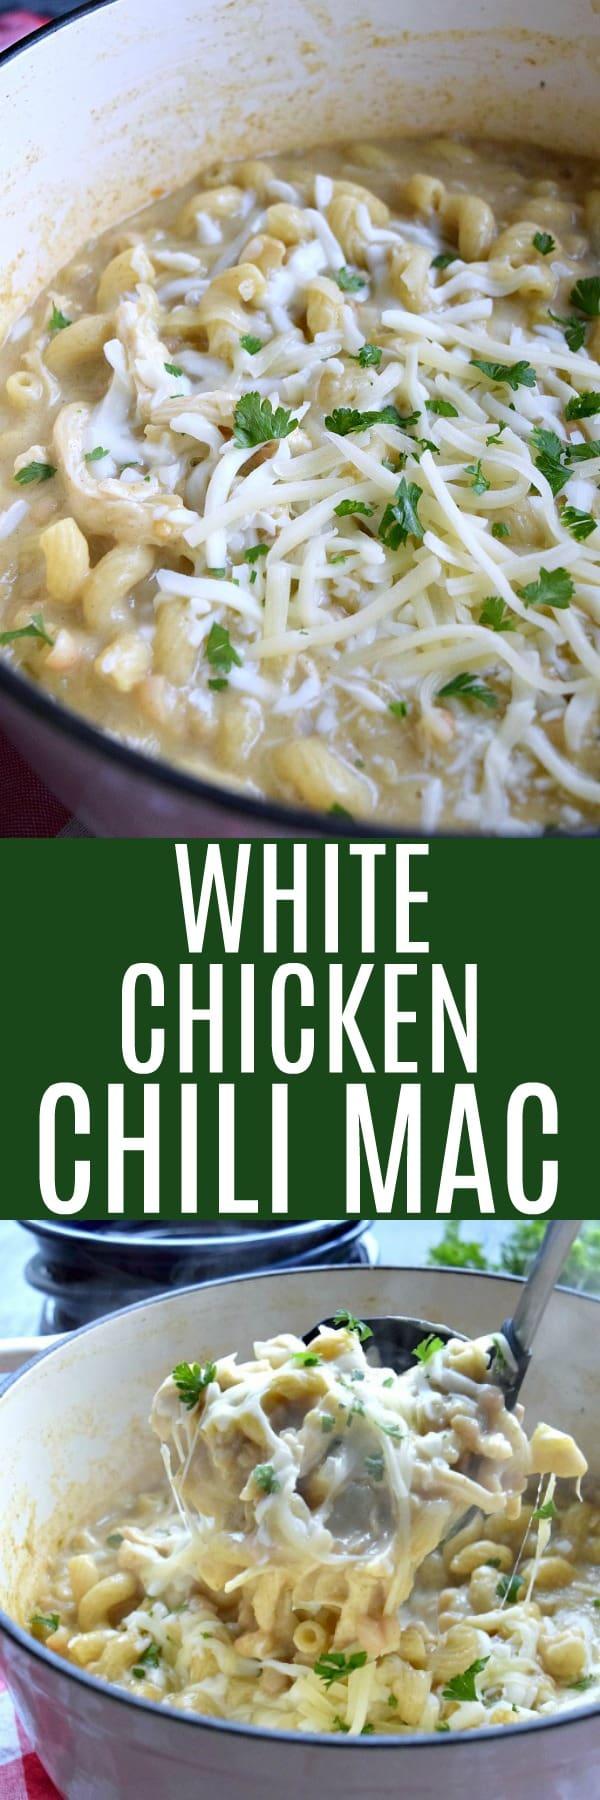 White Chicken Chili Mac